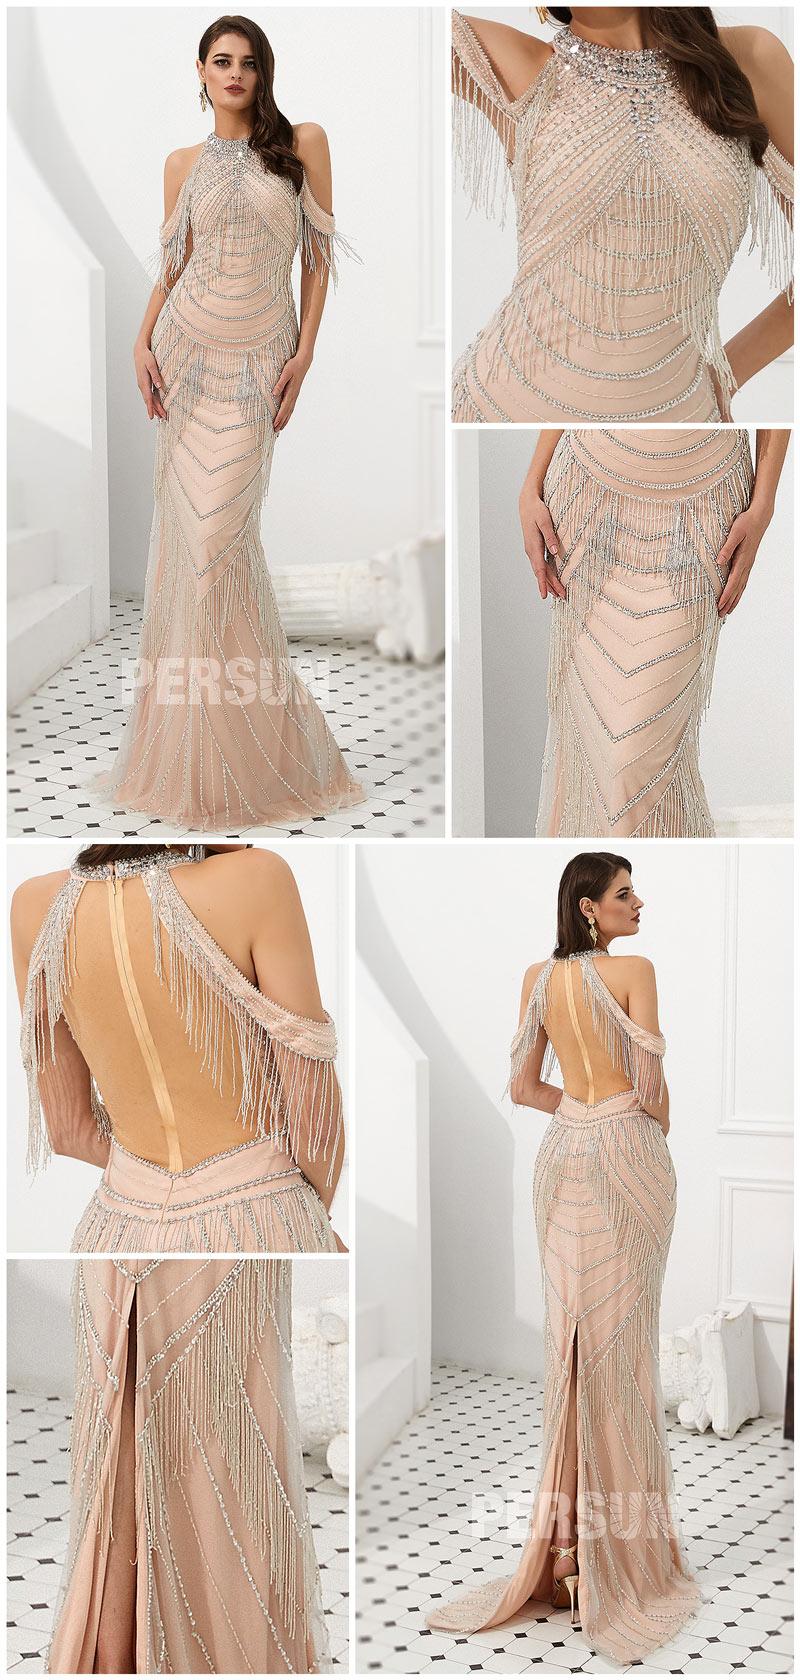 robe soirée 2020 sirène champagne épaule dégagé parsemé de bijoux et franges avec fente arrière